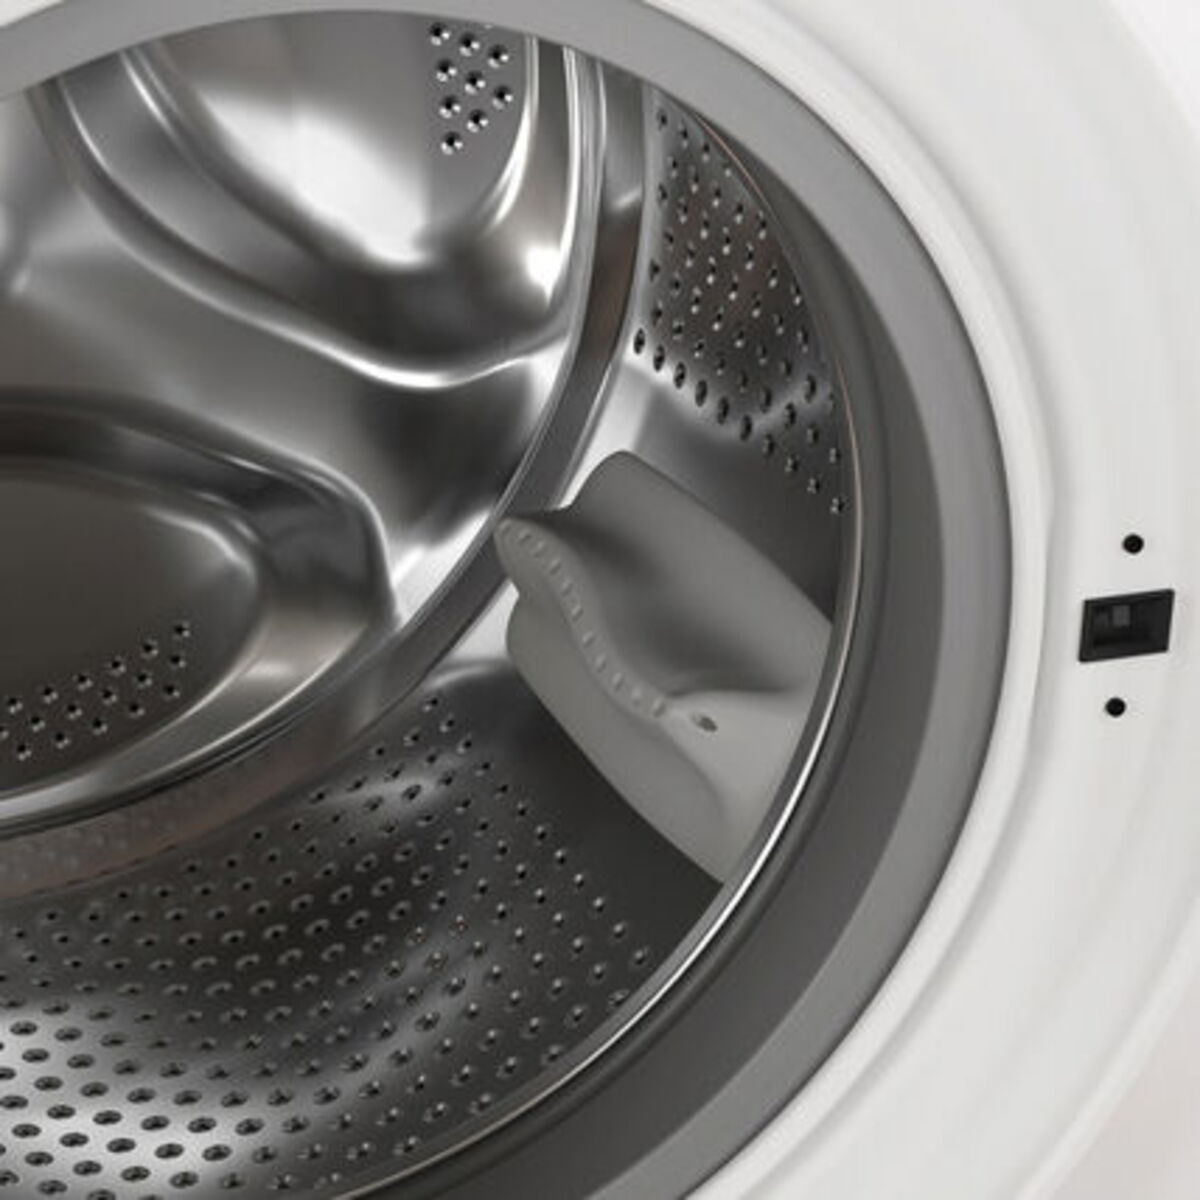 Bild 3 von Bauknecht WWA 843 Waschmaschine, 8kg, D